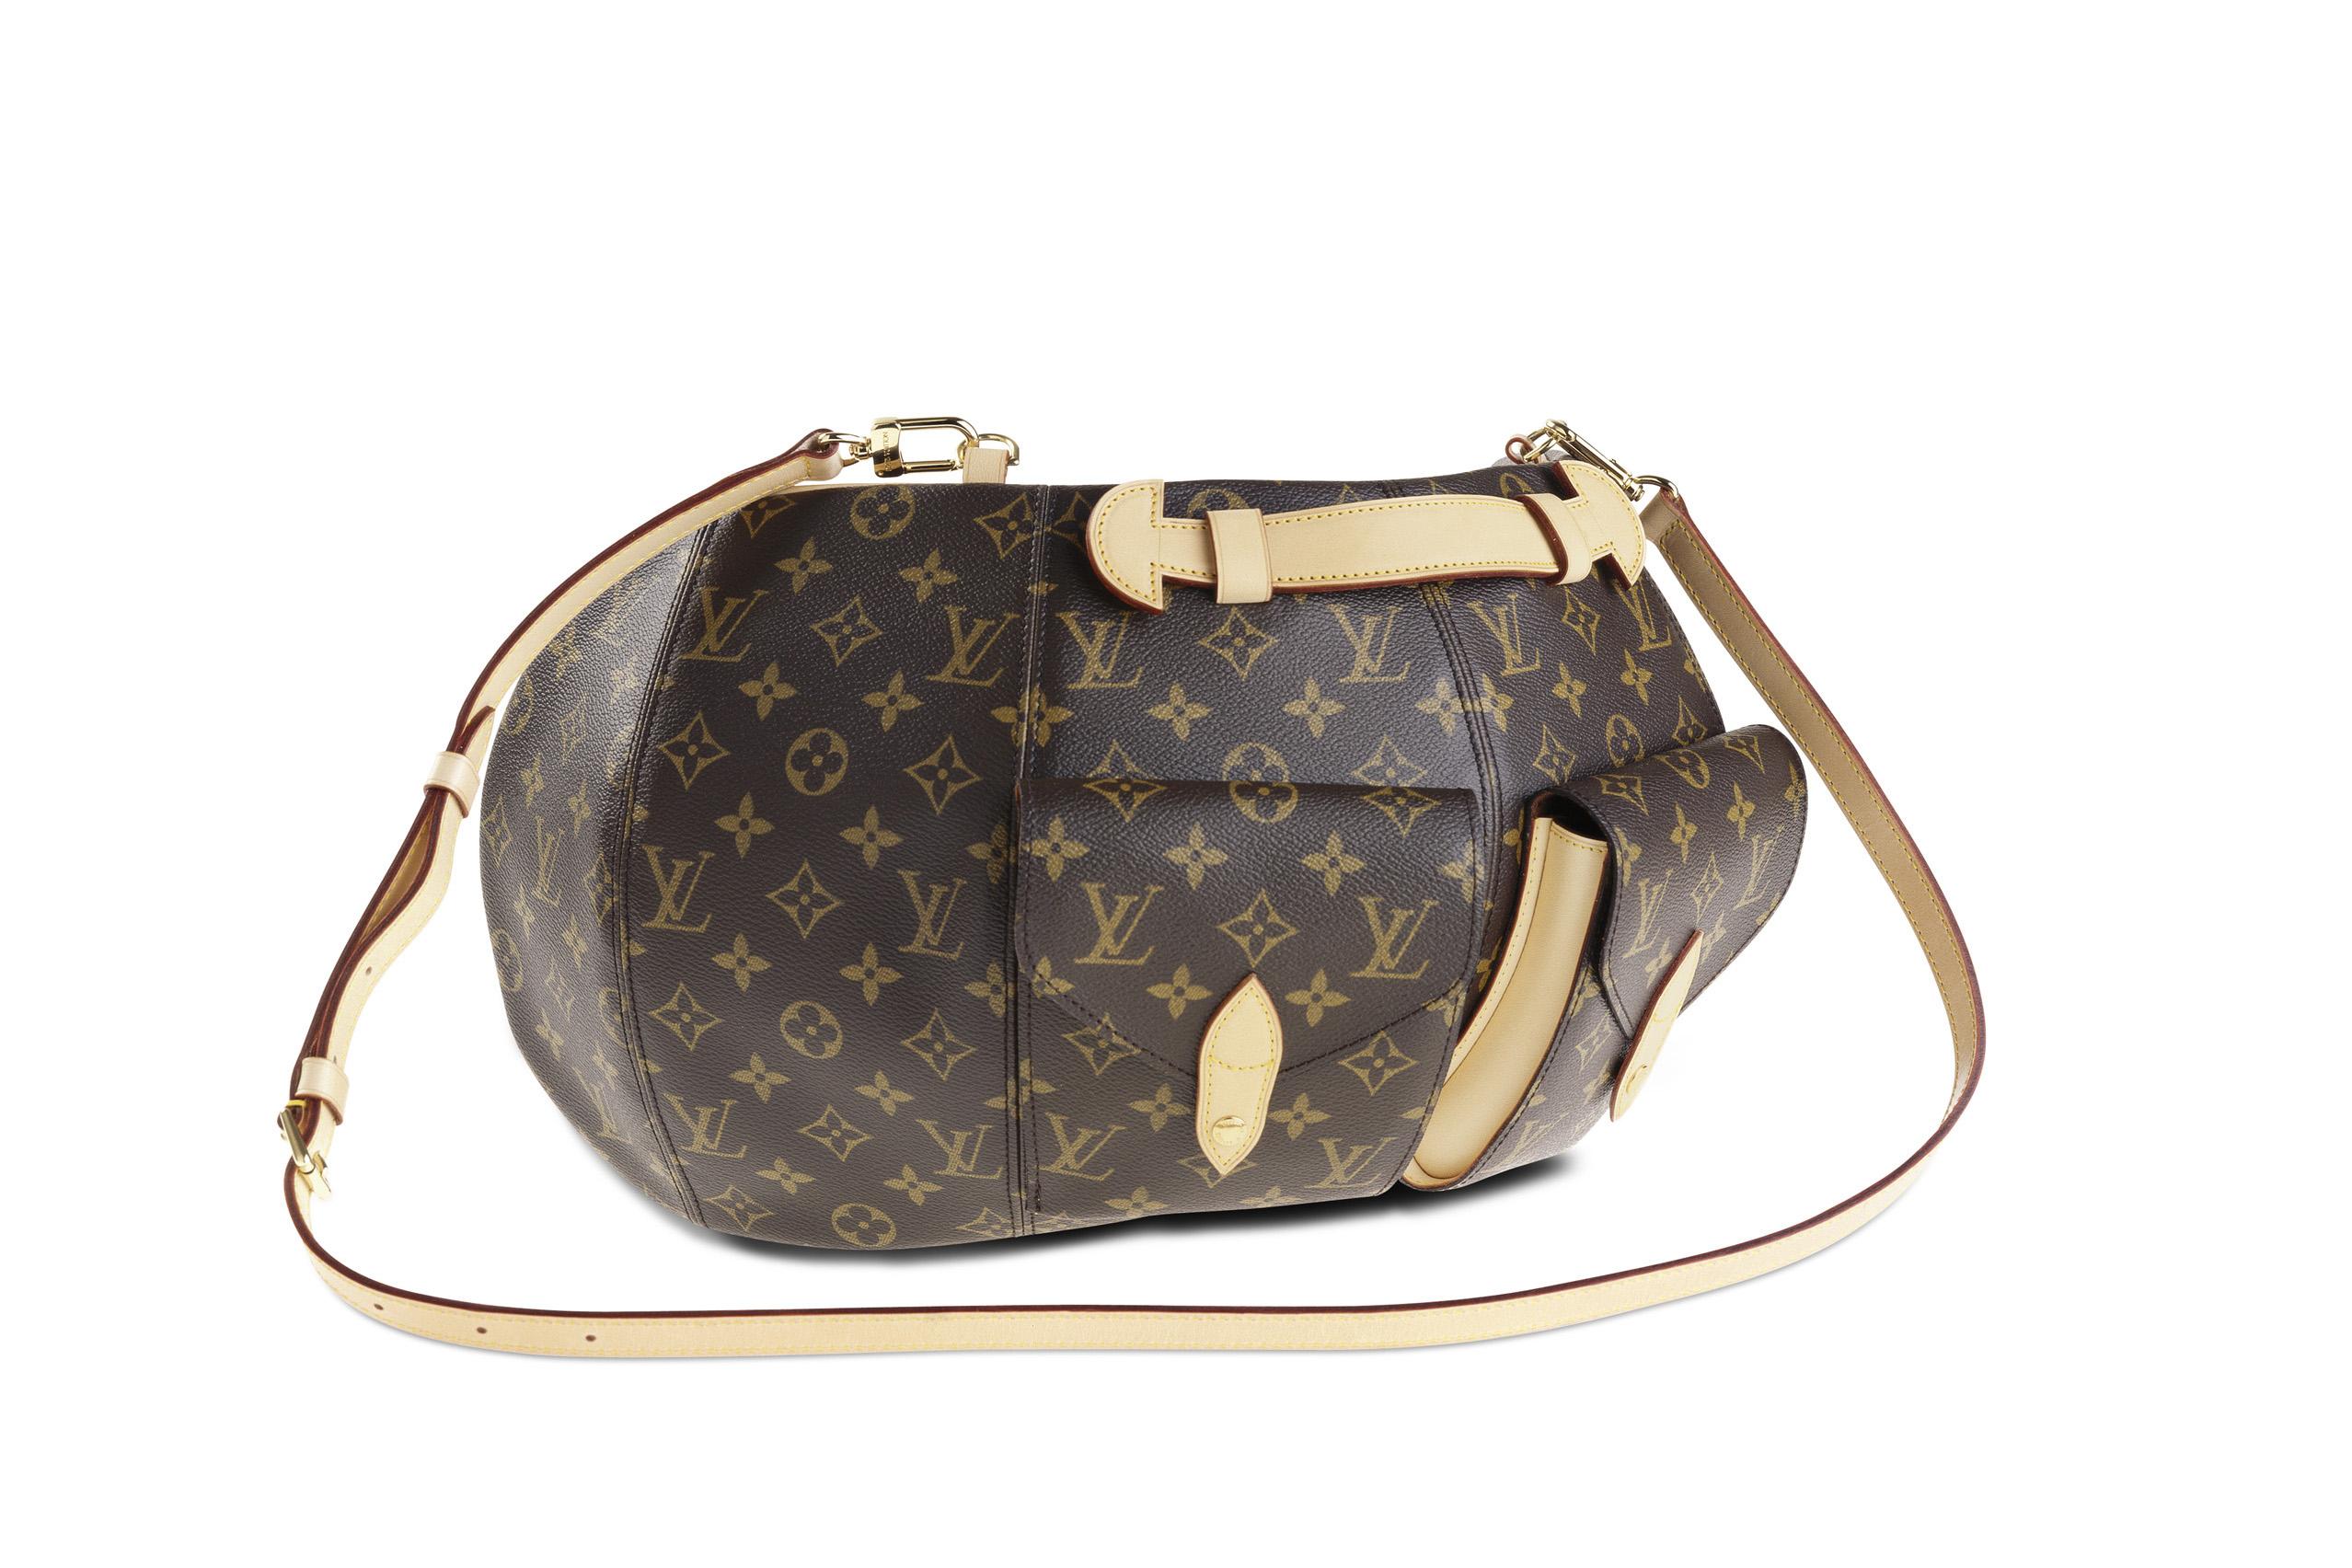 Vivienne Westwood's bustle-shaped bag for Louis Vuitton's 1996 monogram centenary.